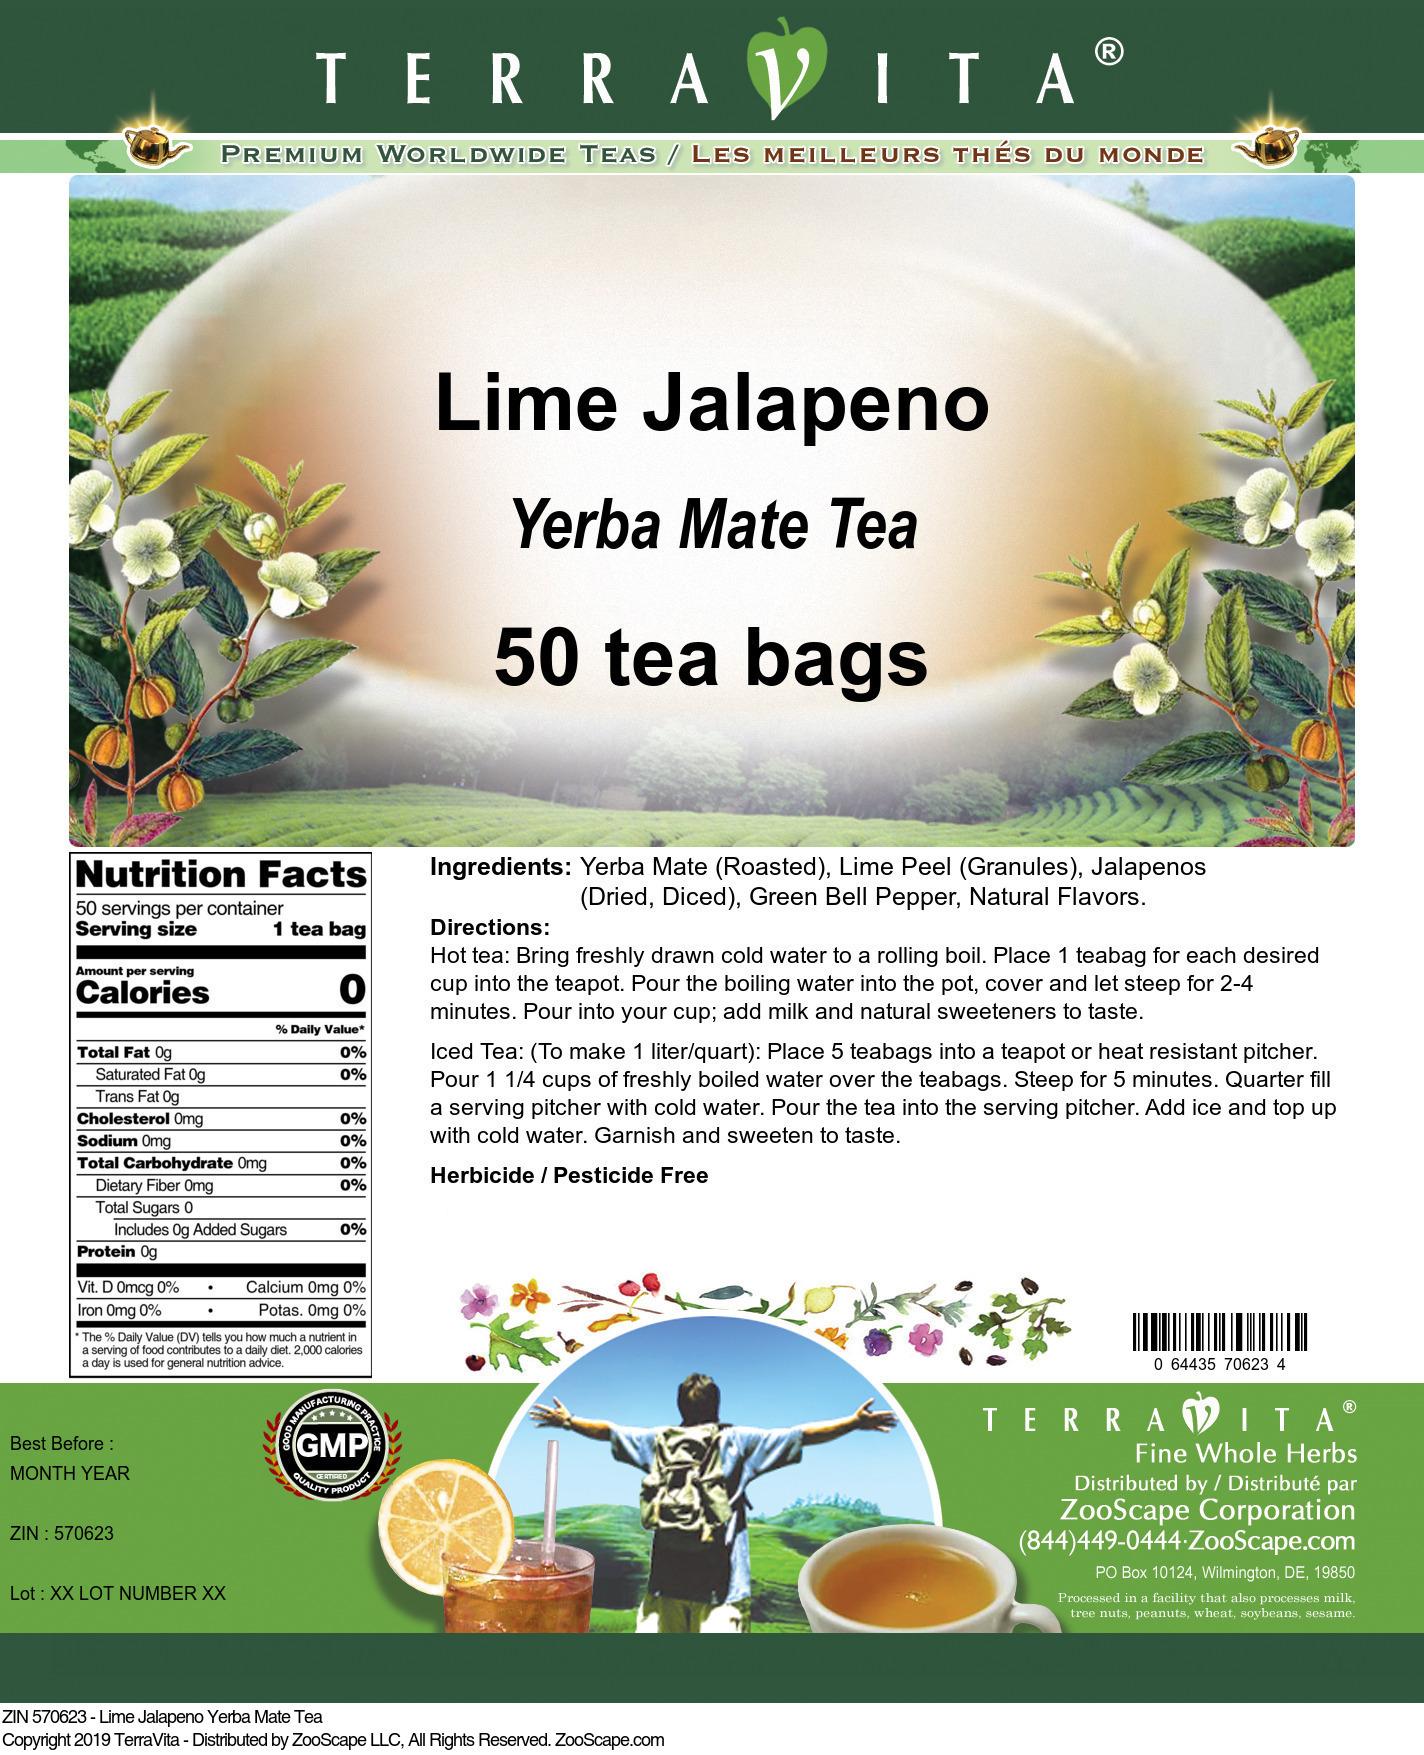 Lime Jalapeno Yerba Mate Tea